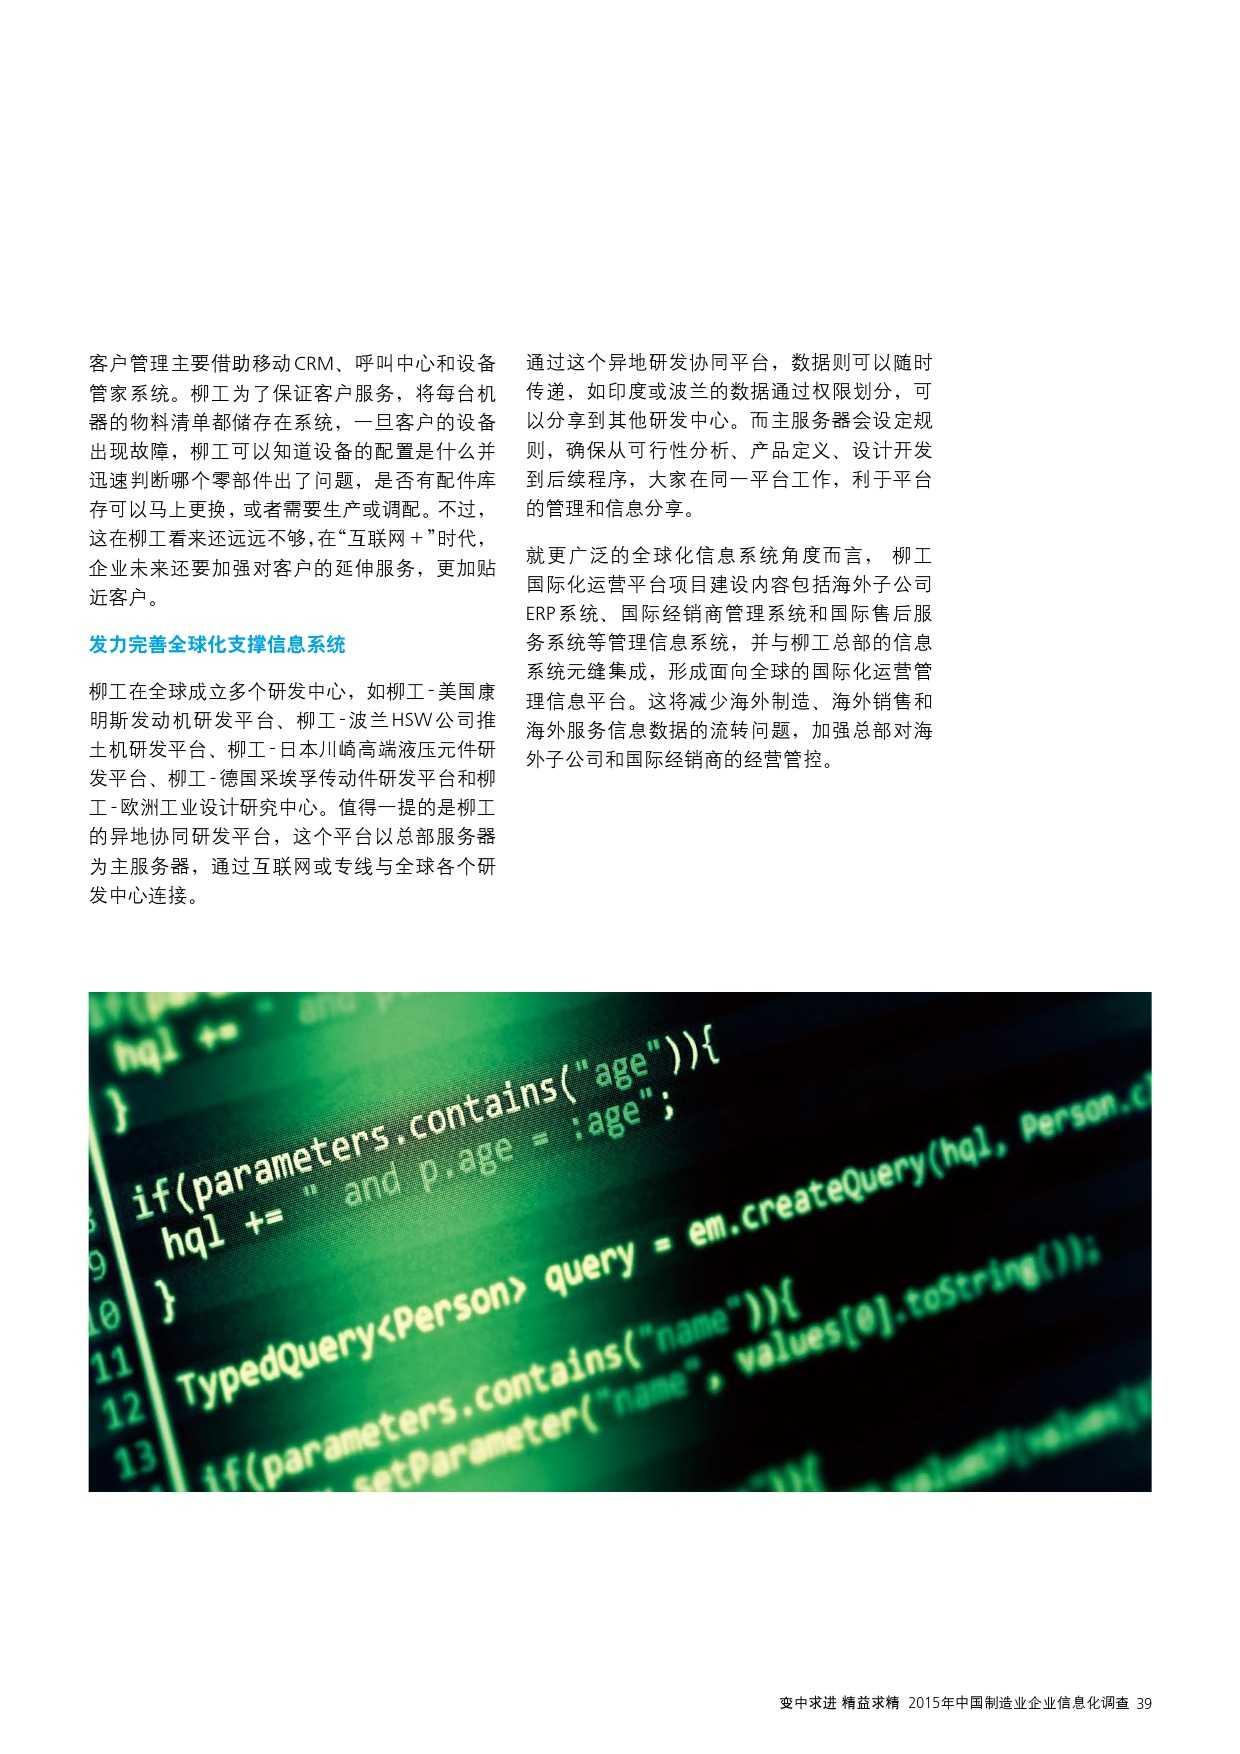 2015年中国制造业企业信息化调查_000041